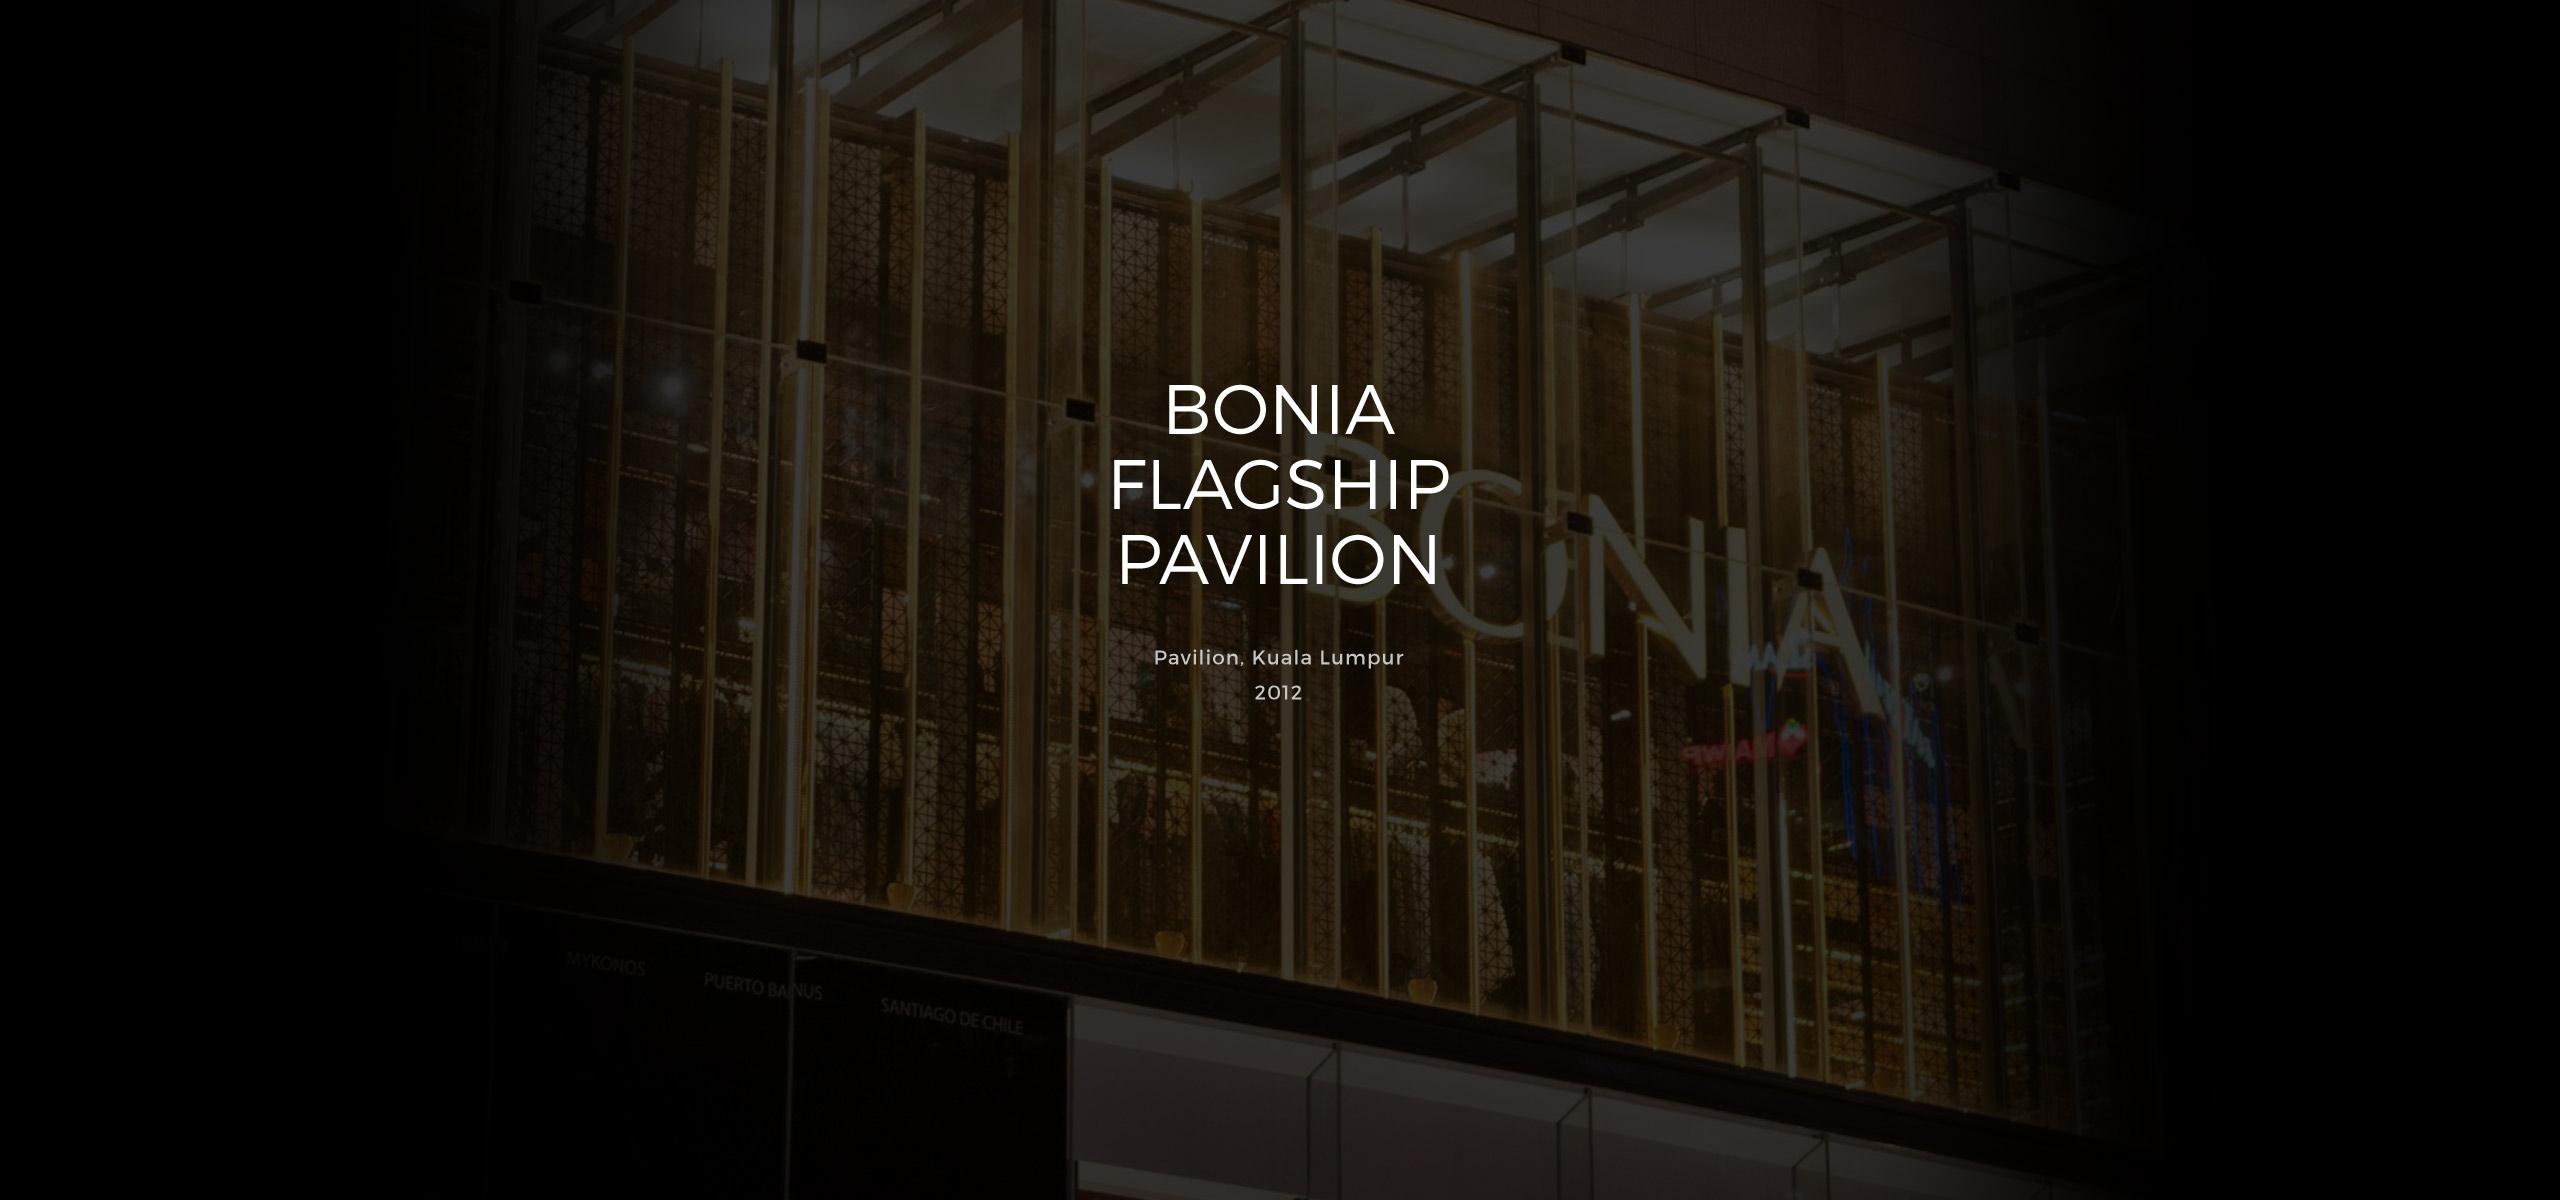 150709_bonia_flagship_pav_title